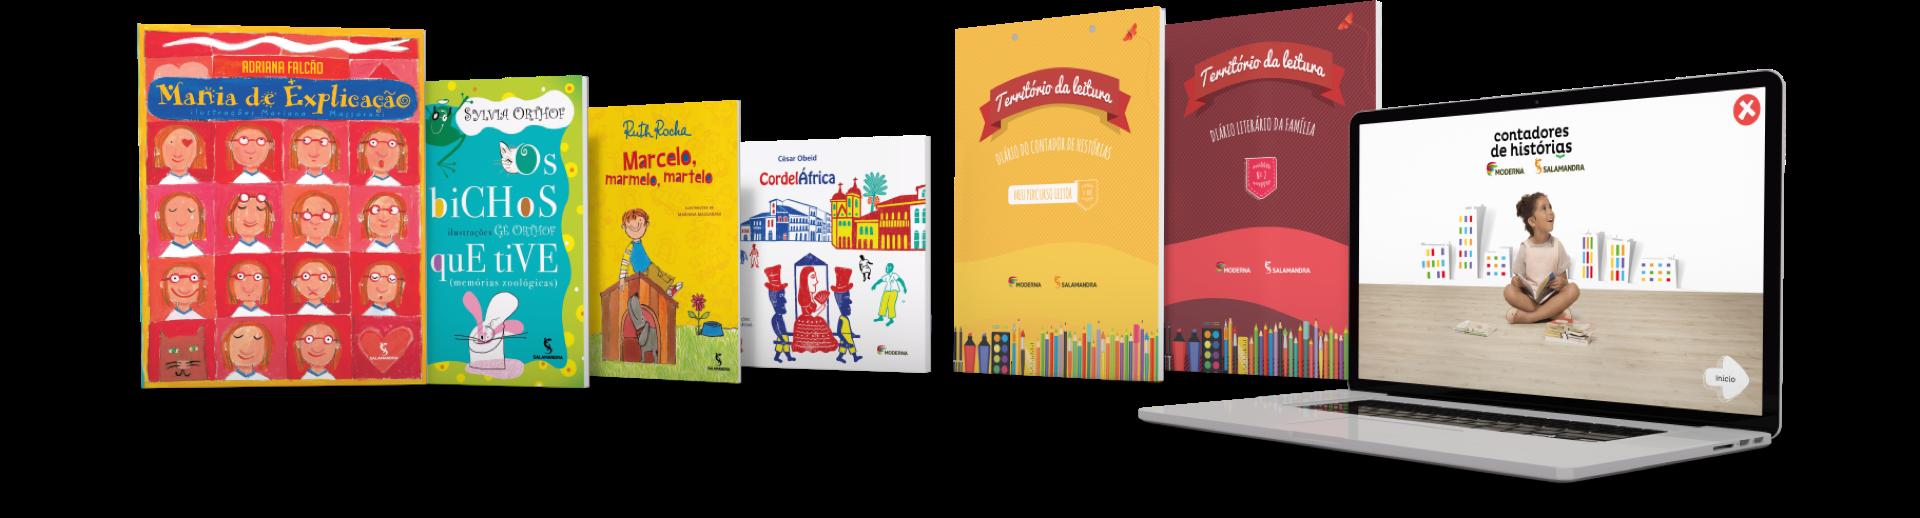 Materiais para professores e alunos